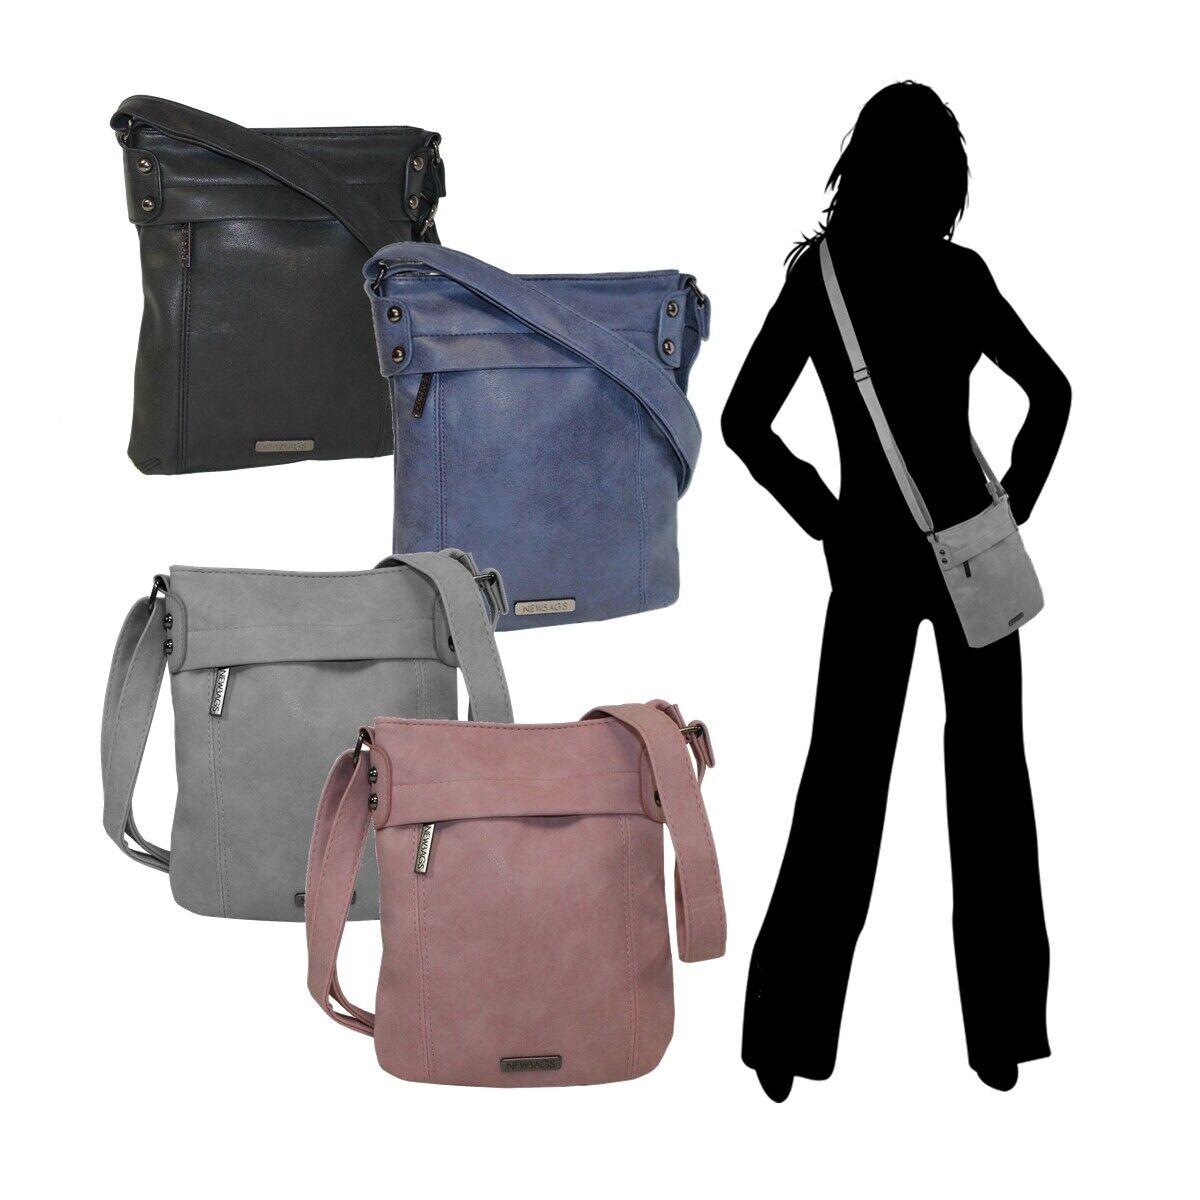 New Bags Kleine Umhängetasche Handtasche Damen Mädchen Ausgehtasche -6096